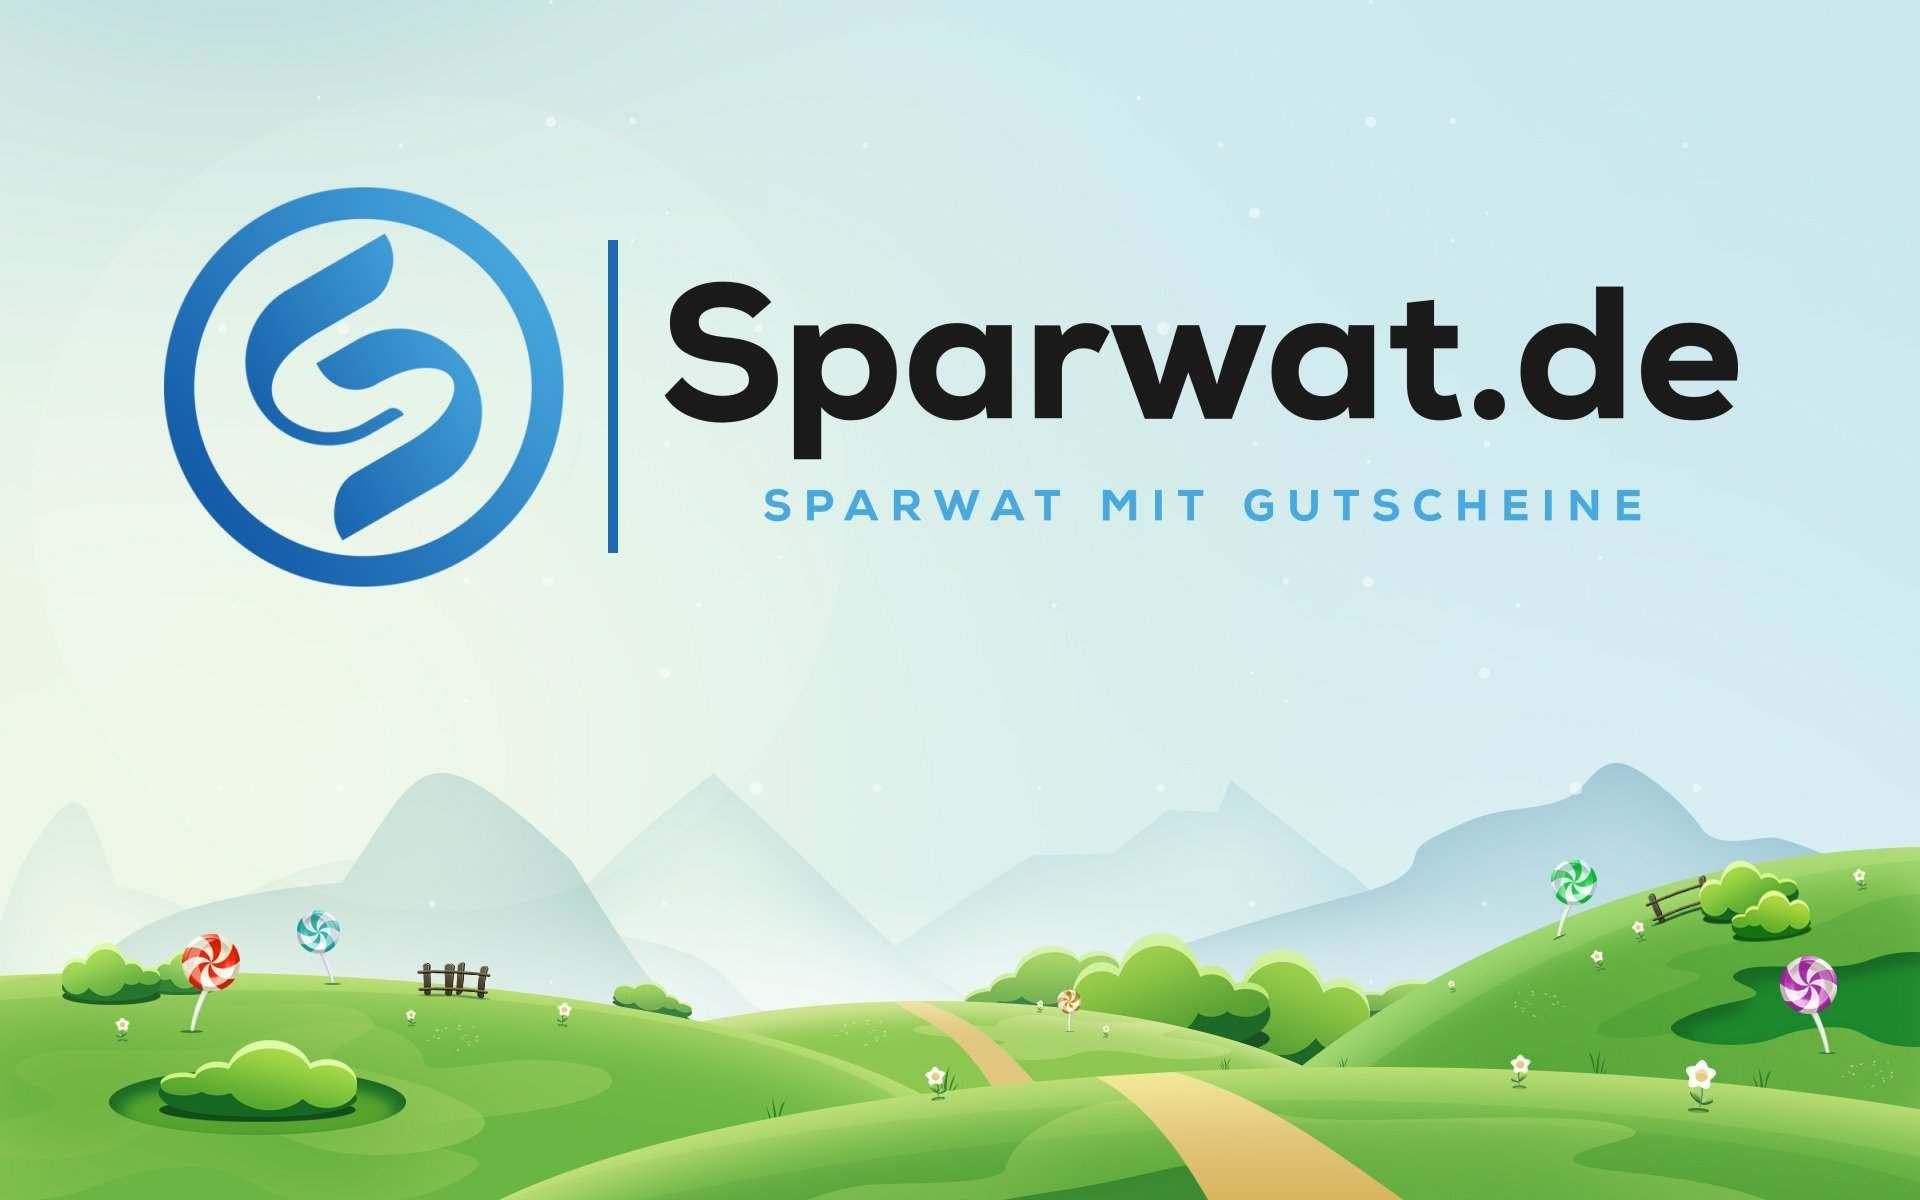 (c) Sparwat.de